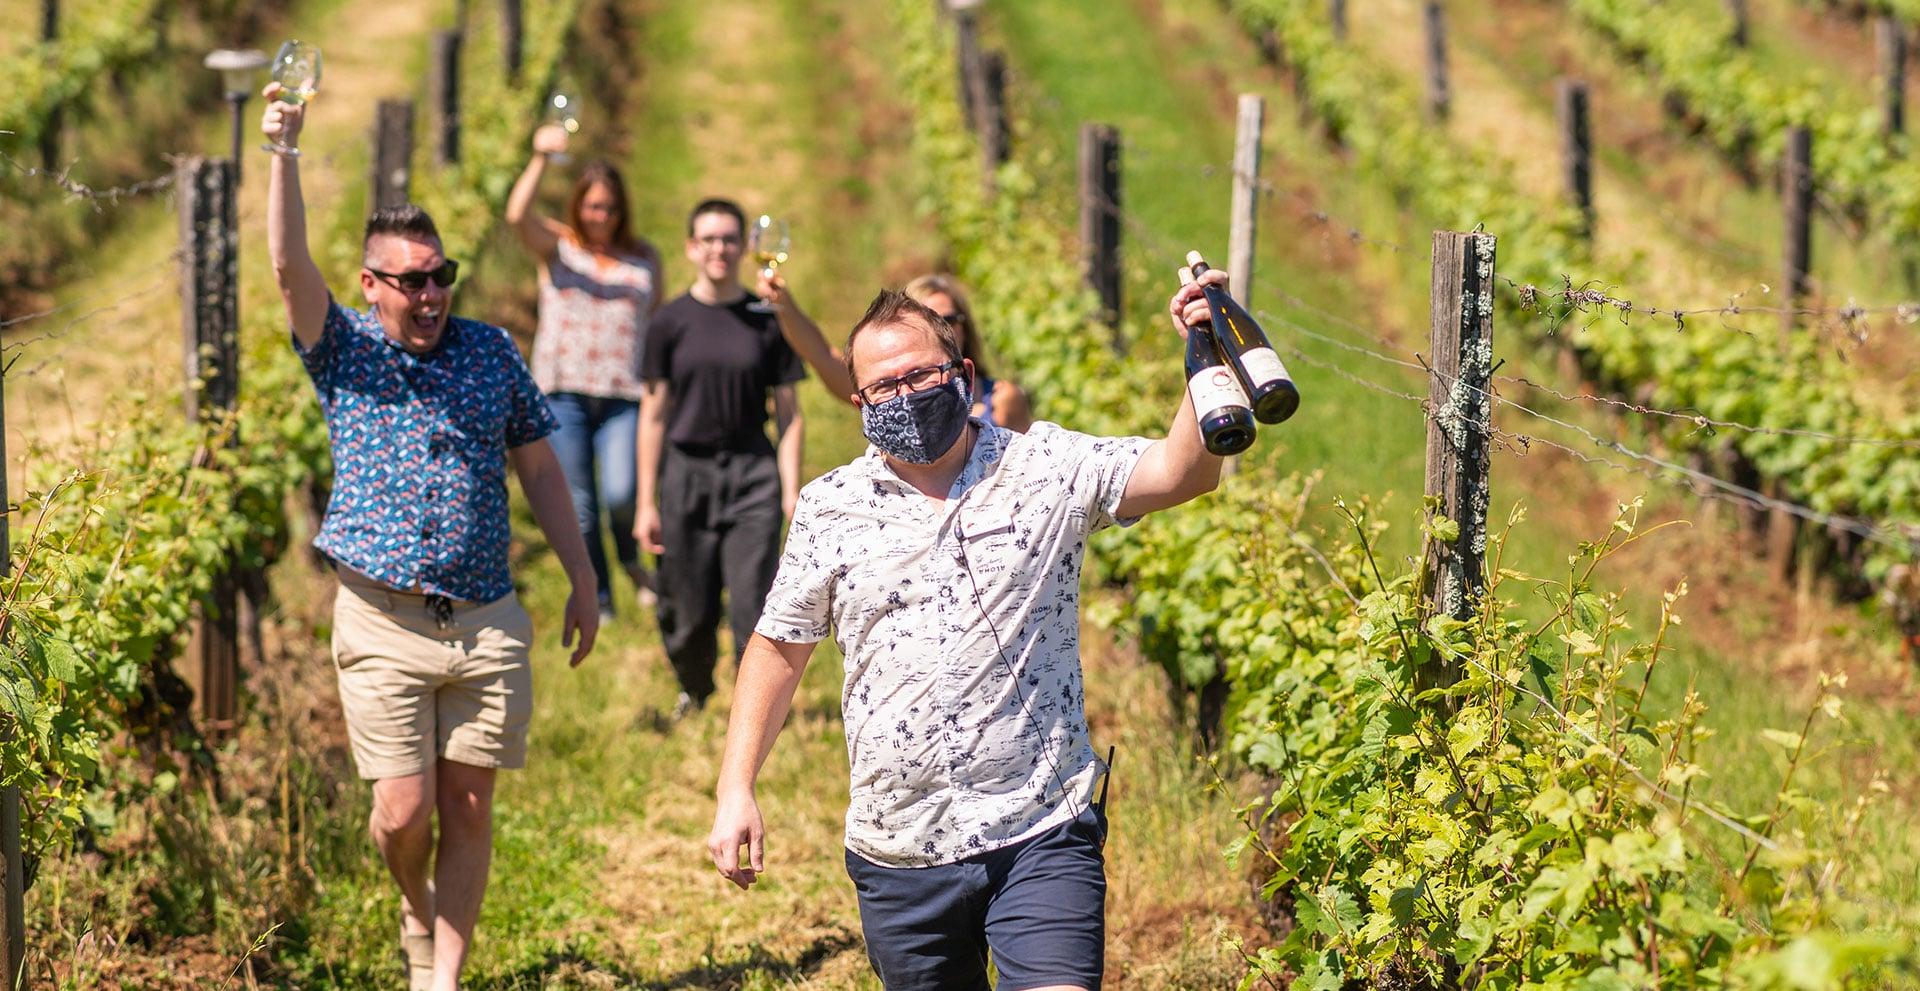 Wine lovers walking the Brooks vineyards